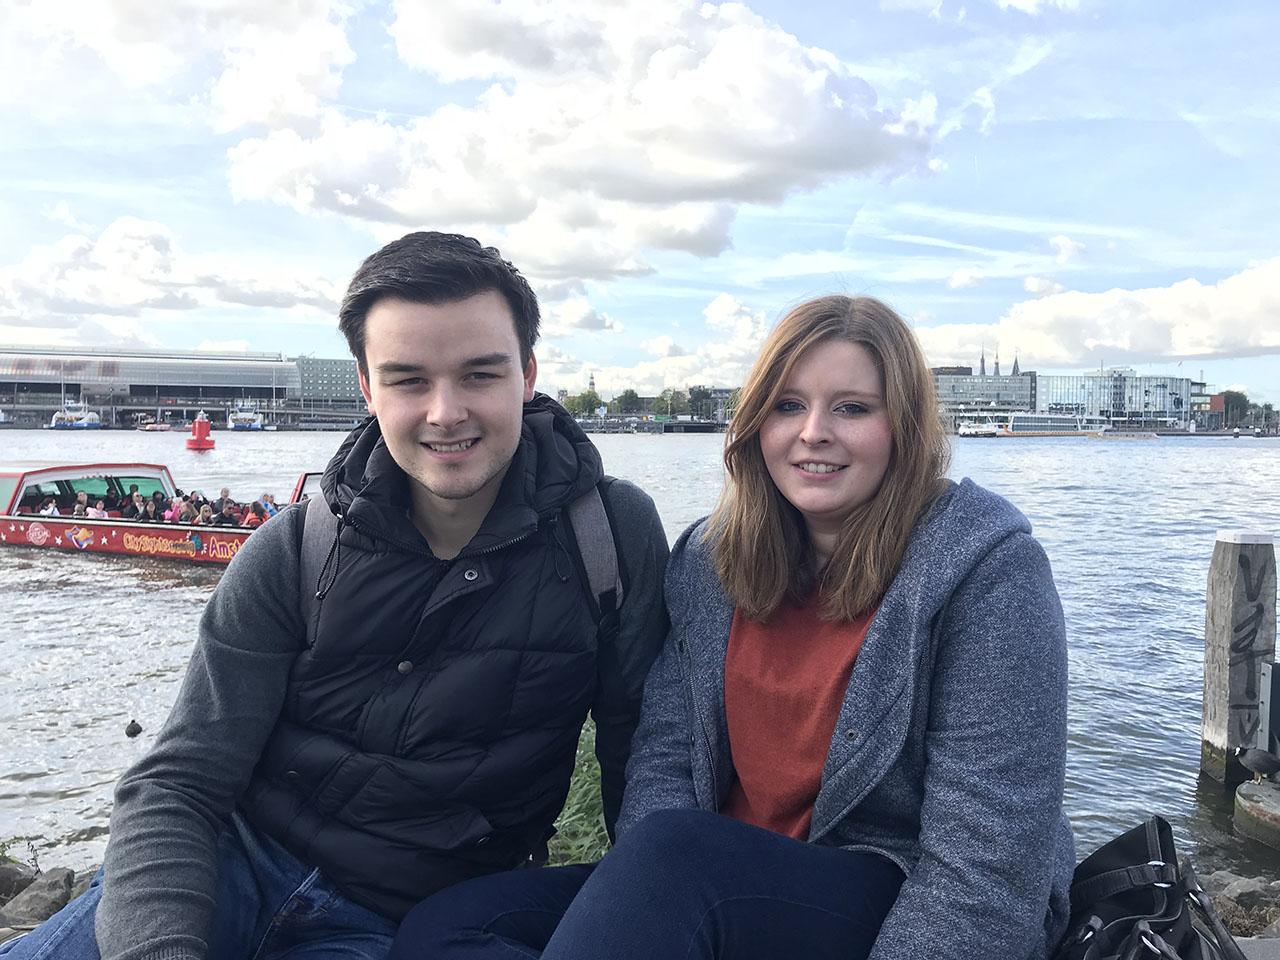 Twee mensen aan het IJ, foto gemaakt met iPhone 7